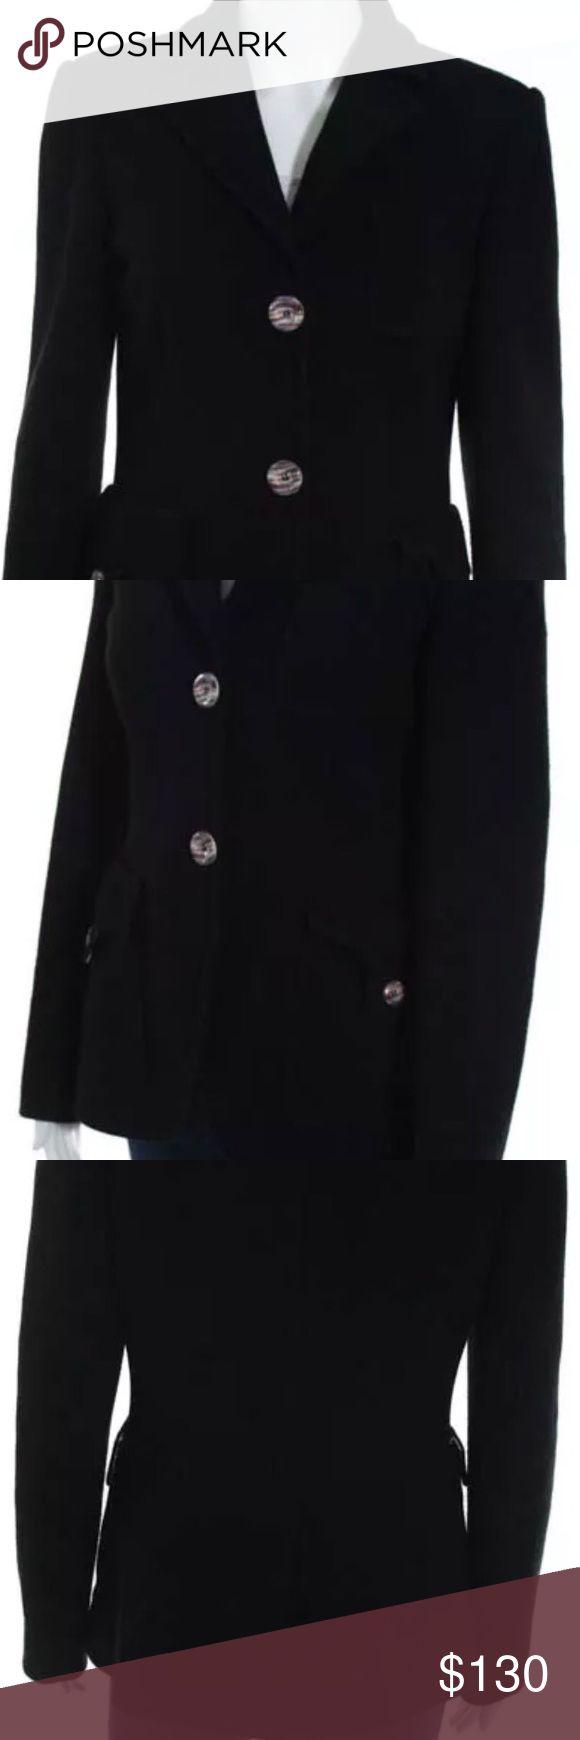 M Missoni Jacket Black Textured Wool Blazer Jacke M Missoni Jackets & Coats Blazers